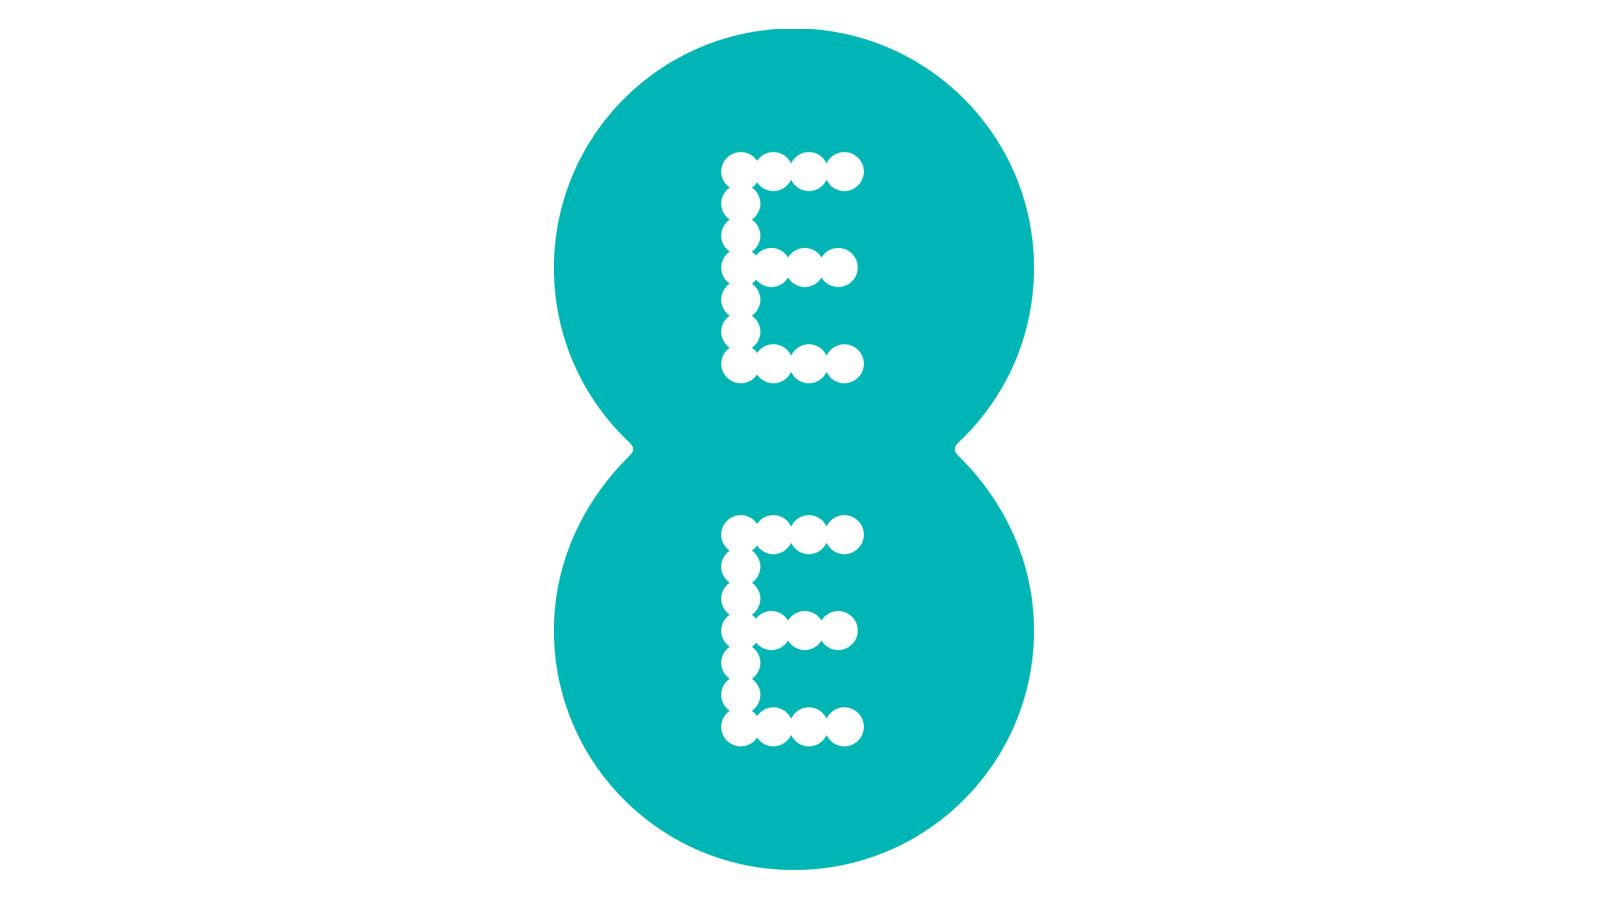 ee.co.uk